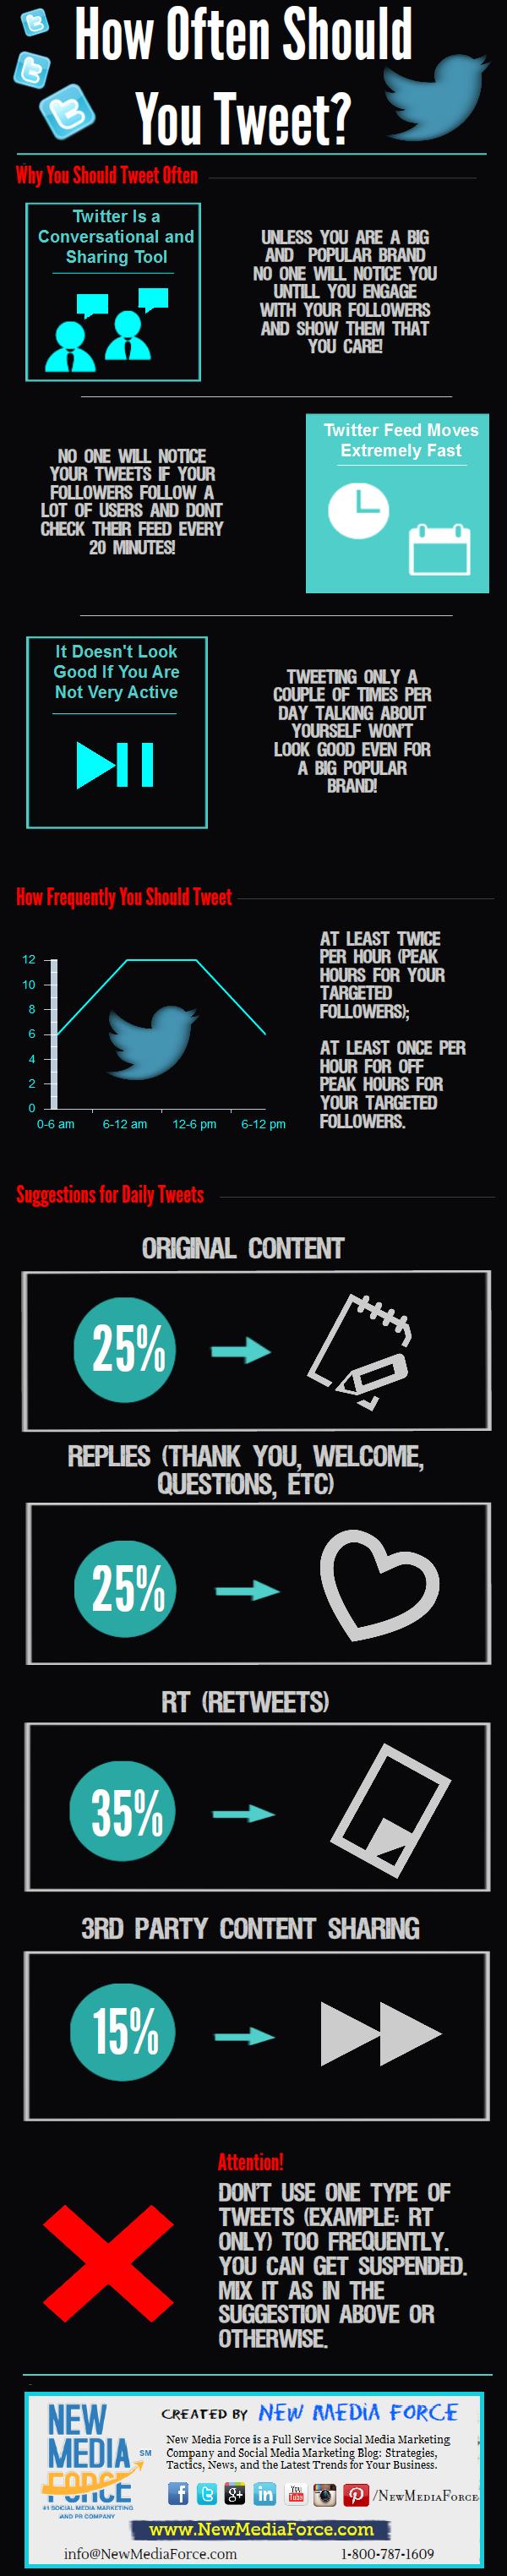 ¿Con qué frecuencia debo tuitear?